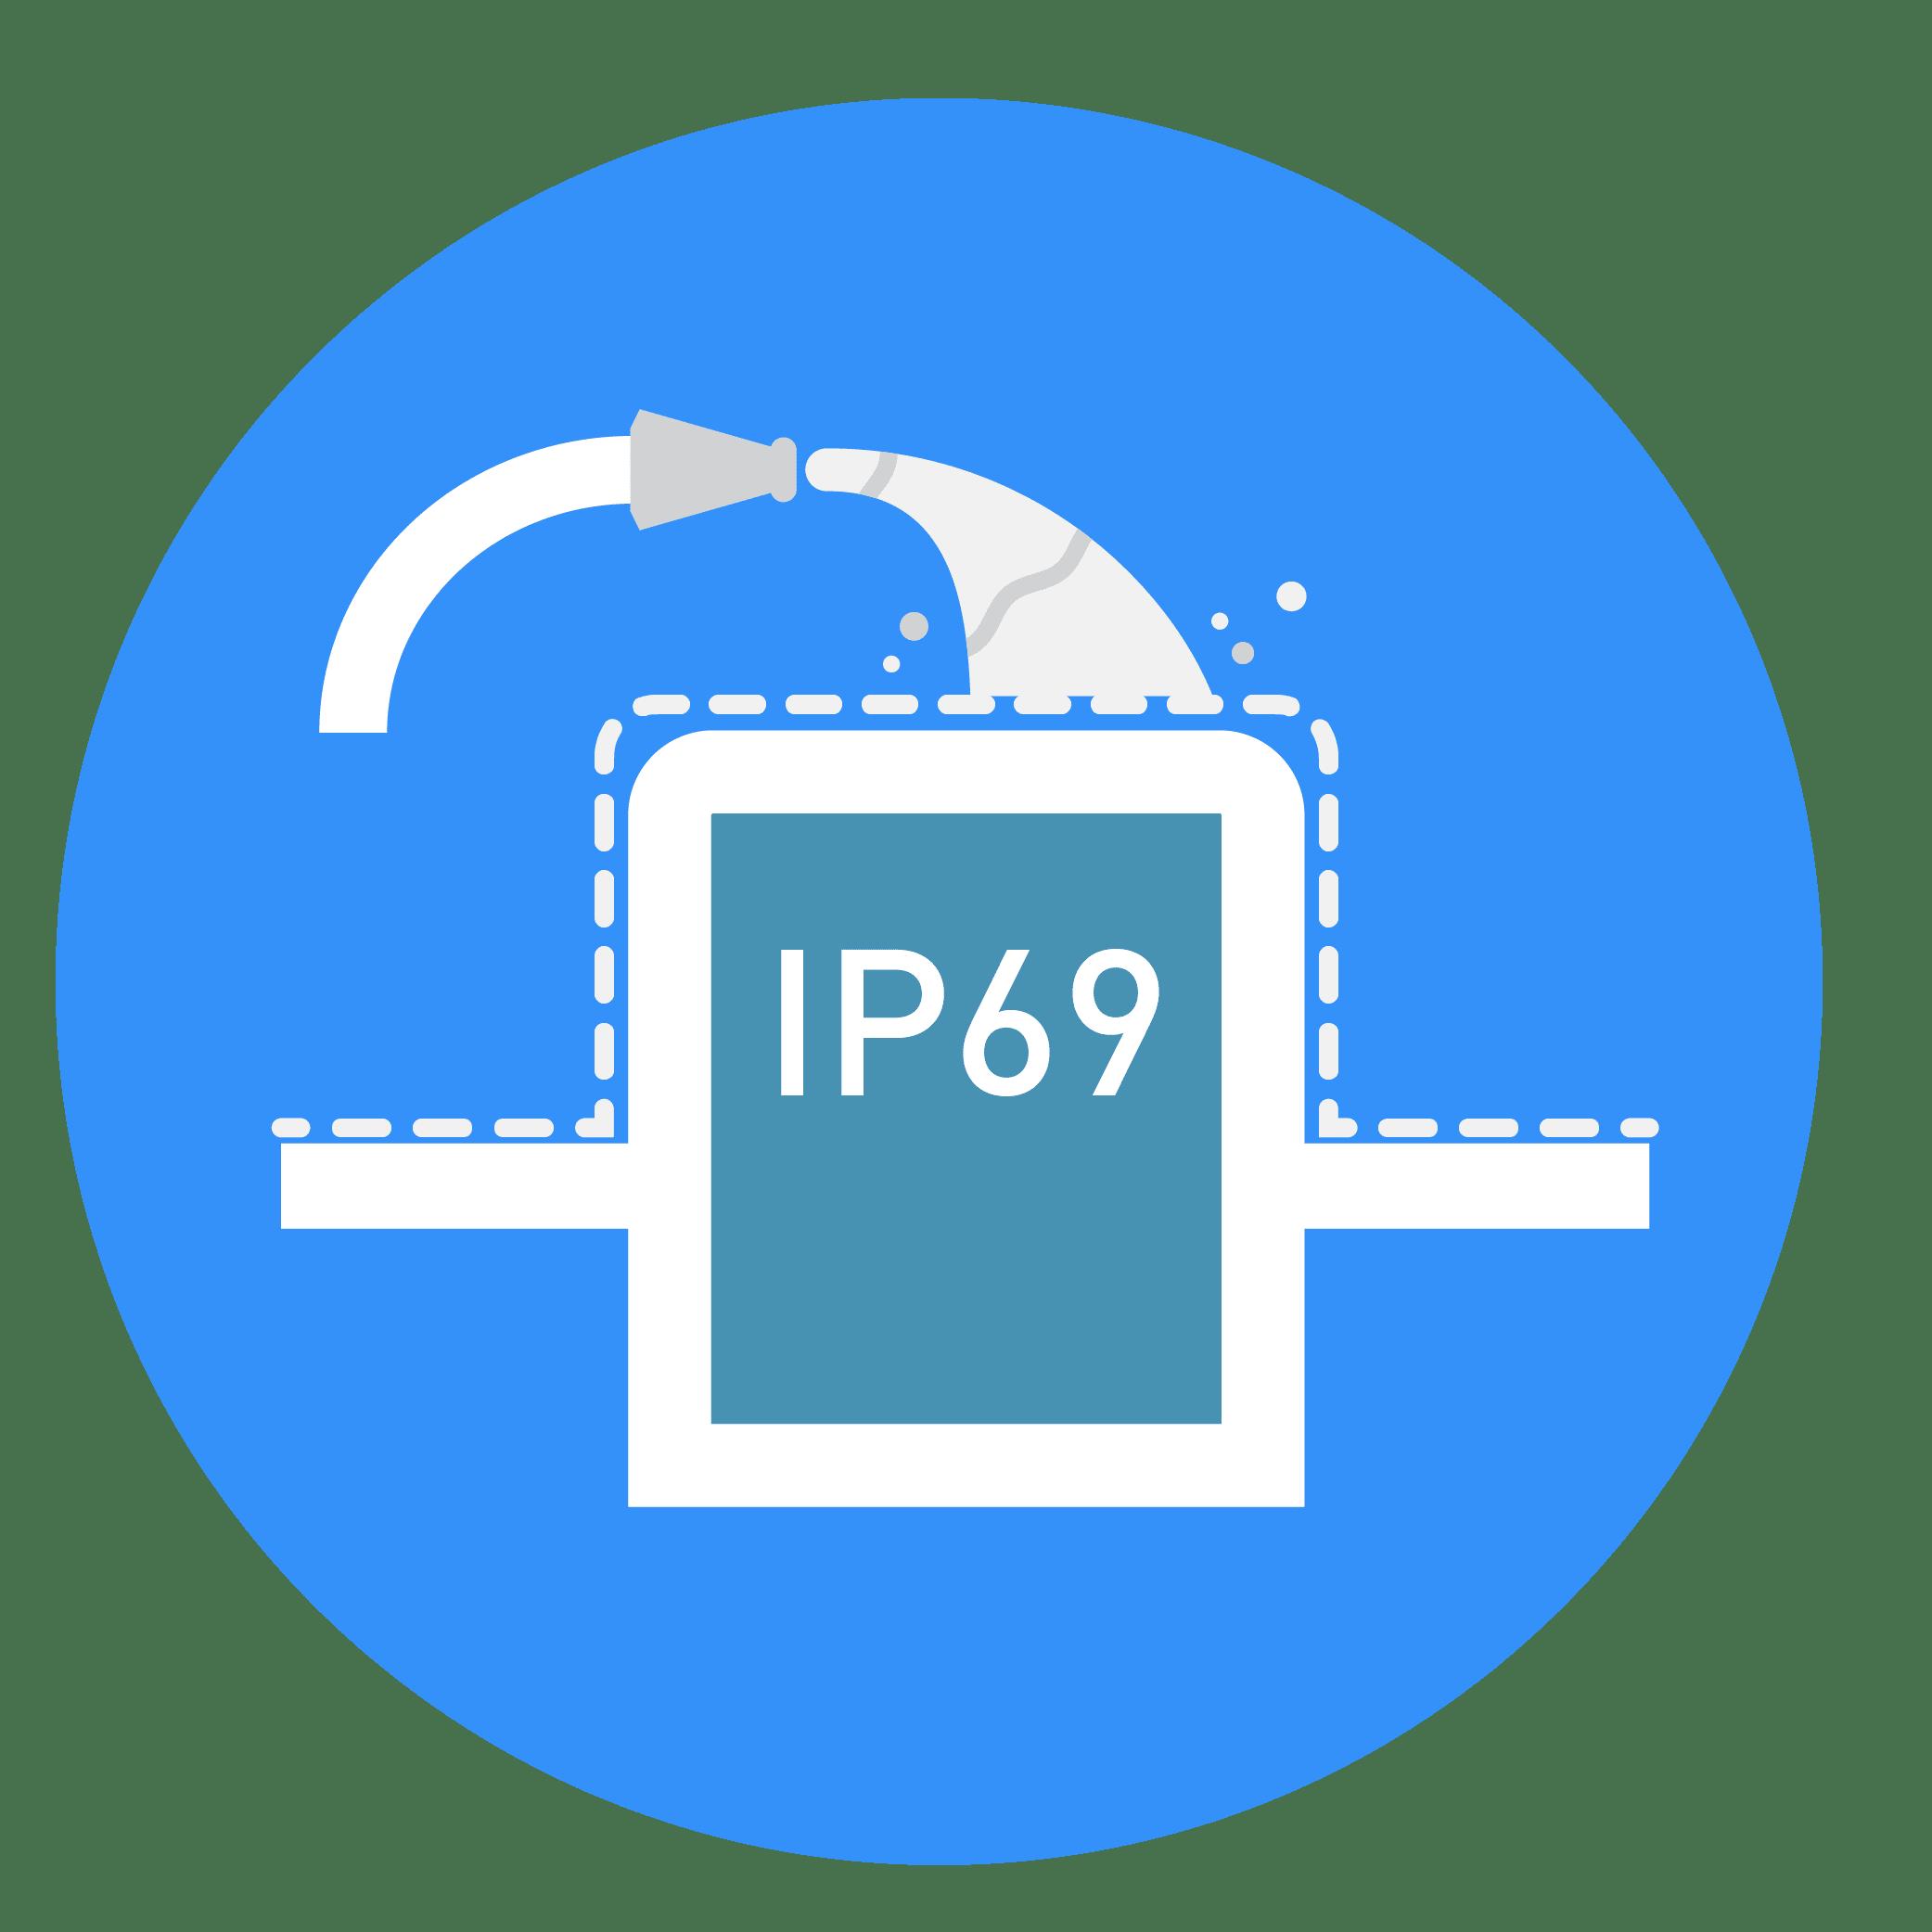 IP69 Drives